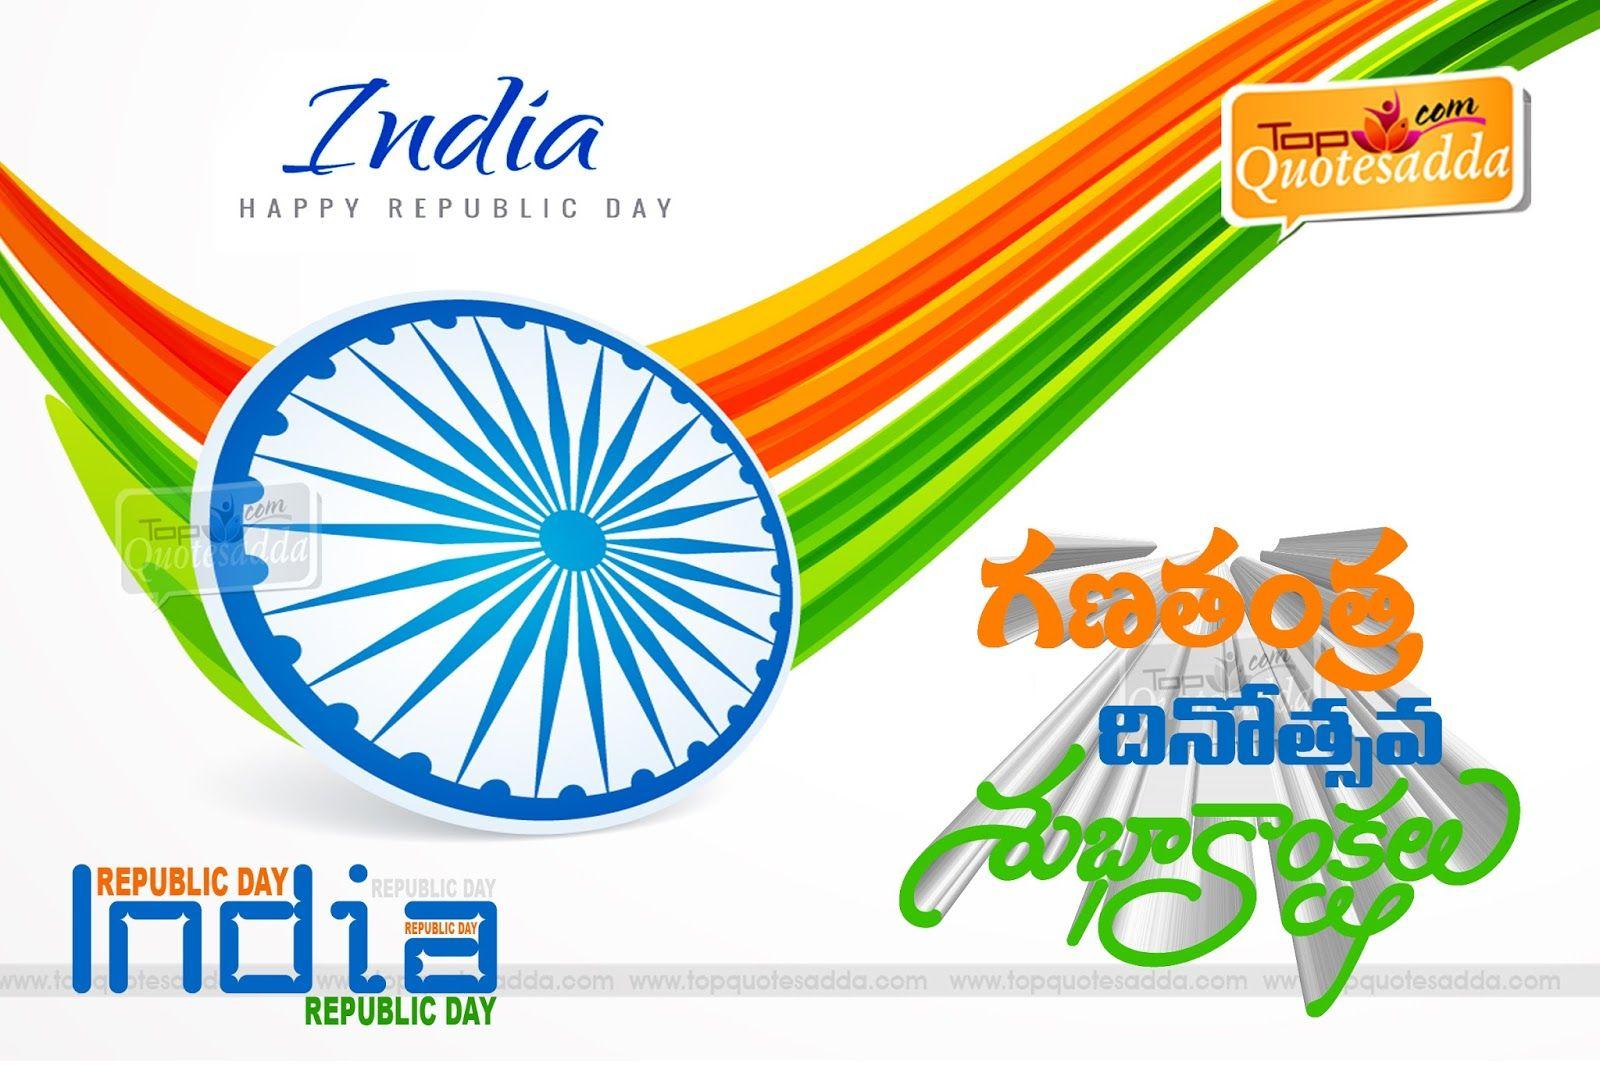 Topquotesadda Telugu Quotes Hindi Quotes Tamil Bengali Quotes Happy Republic Day Telugu Wishes Quo Wish Quotes Quotes On Republic Day Patriotic Quotes